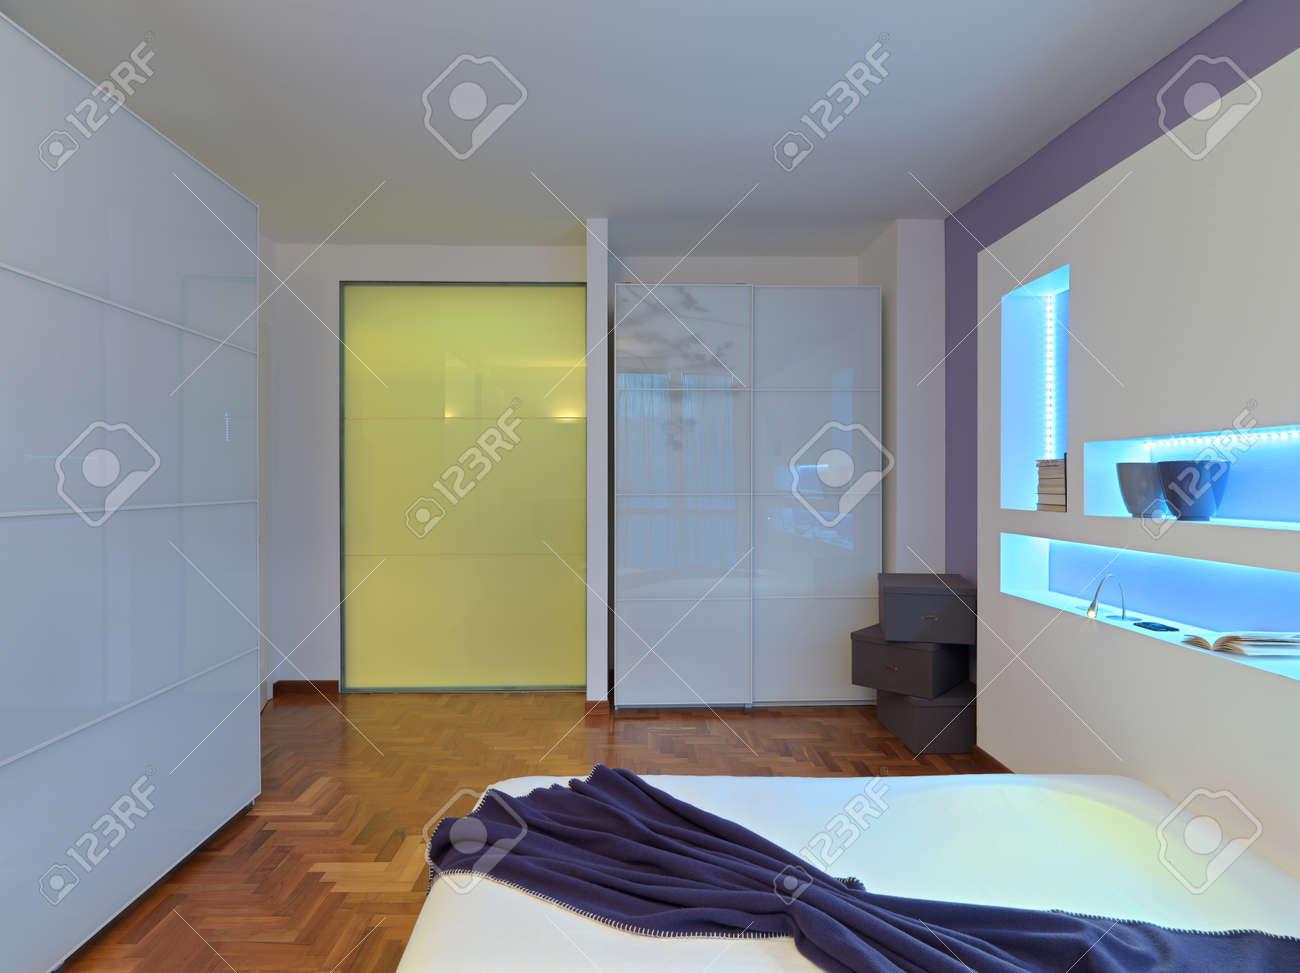 Vue De L\'intérieur D\'une Chambre Moderne Avec Armoire à Glace Et Le ...